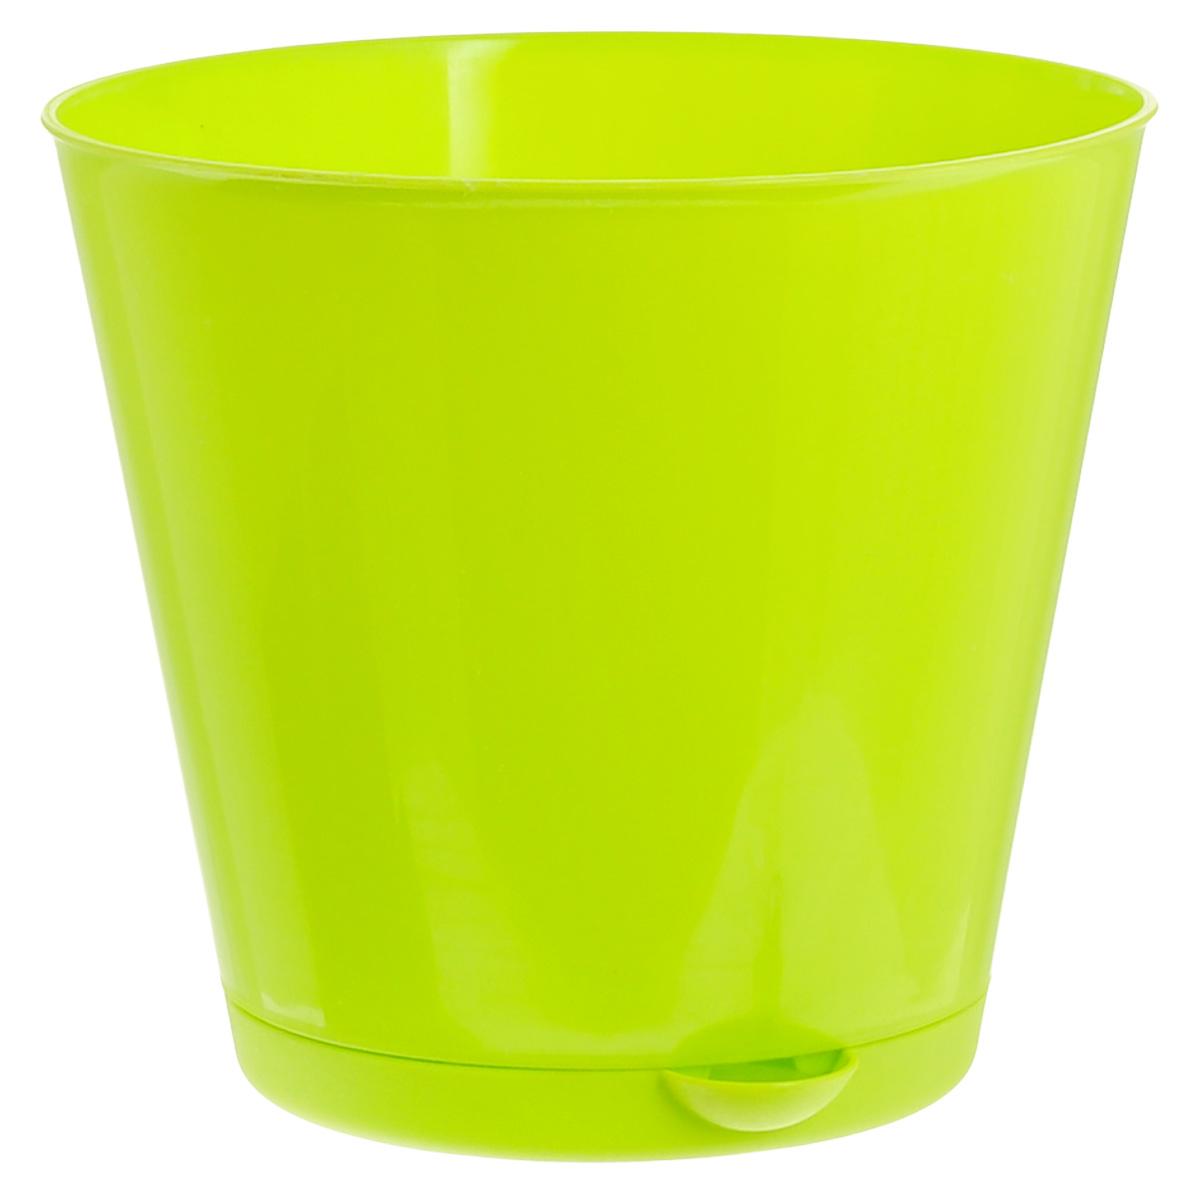 Горшок для цветов InGreen Крит, с системой прикорневого полива, цвет: салатовый, диаметр 16 смПЦ46016цветнойГоршок InGreen Крит, выполненный из высококачественного полипропилена (пластика), предназначен для выращивания комнатных цветов, растений и трав. Специальная конструкция обеспечивает вентиляцию в корневой системе растения, а дренажные отверстия позволяют выходить лишней влаге из почвы. Крепежные отверстия и штыри прочно крепят подставку к горшку. Прикорневой полив растения осуществляется через удобный носик. Система прикорневого полива позволяет оставлять комнатное растение без внимания тем, кто часто находится в командировках или собирается в отпуск и не имеет возможности вовремя поливать цветы.Такой горшок порадует вас современным дизайном и функциональностью, а также оригинально украсит интерьер любого помещения. Объем горшка: 1,8 л.Диаметр горшка (по верхнему краю): 16 см.Высота горшка: 14,7 см.